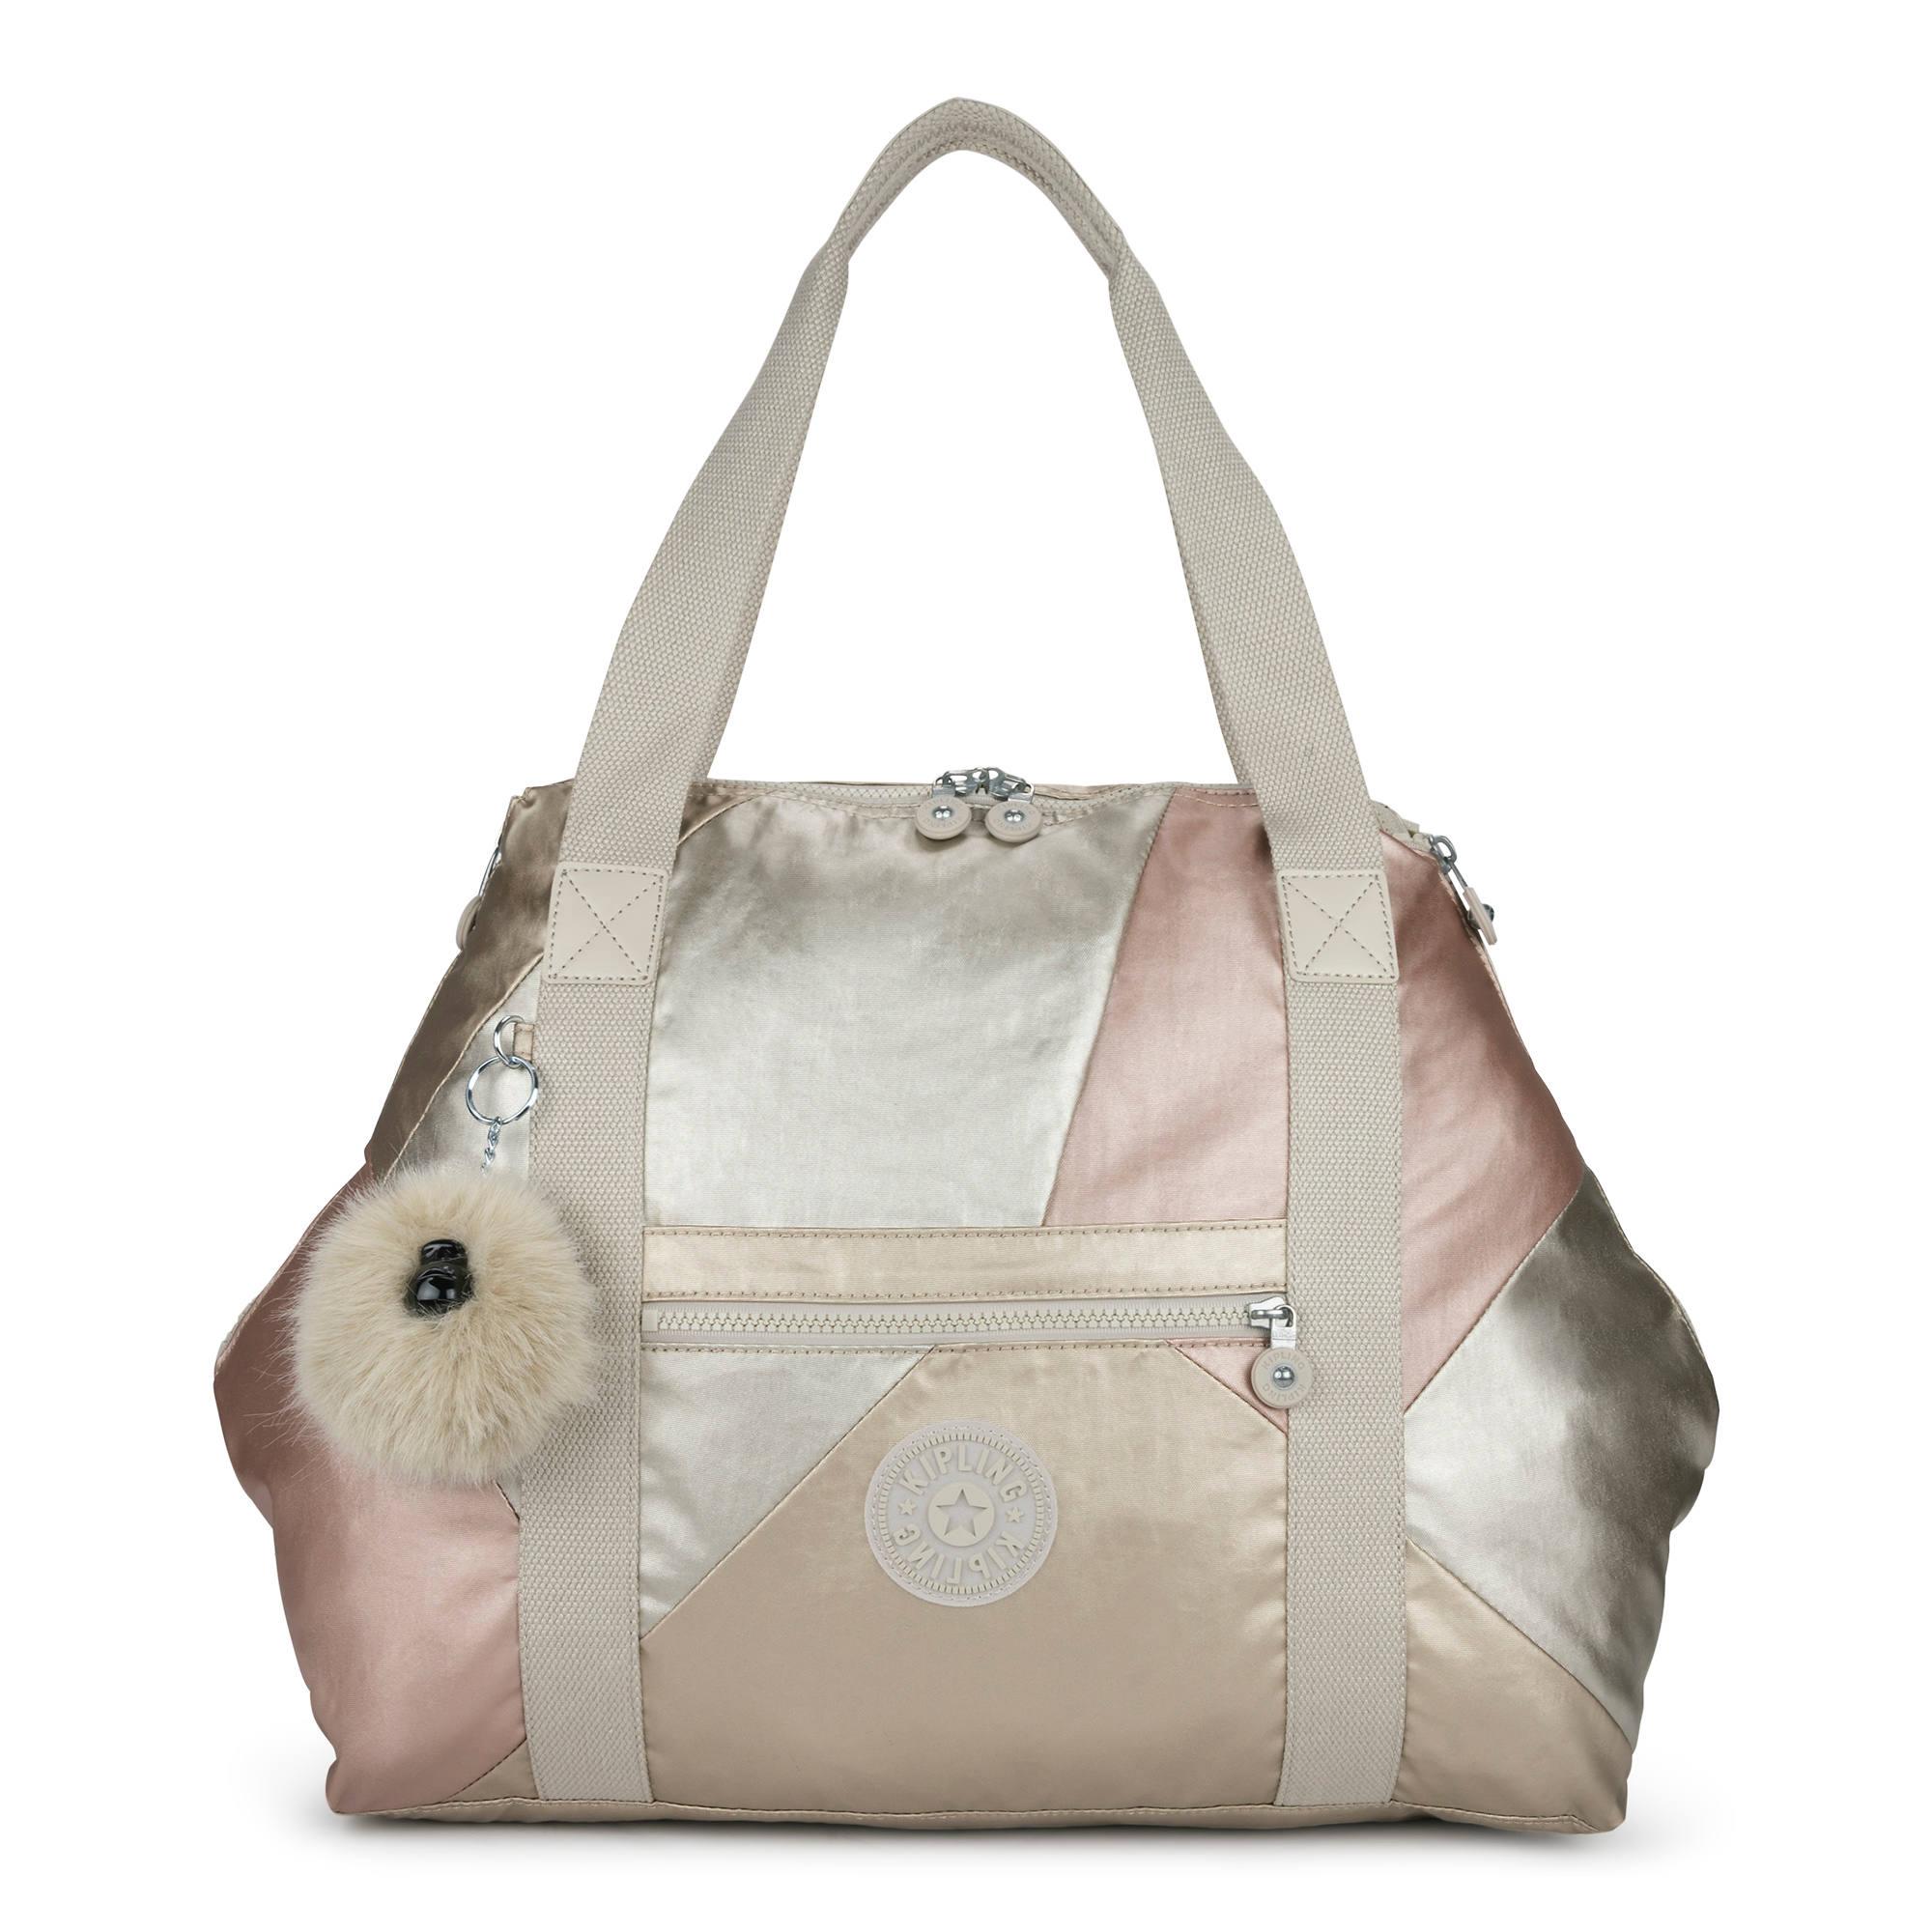 3d3af3e10e0a Art Medium Color Blocked Metallic Tote Bag